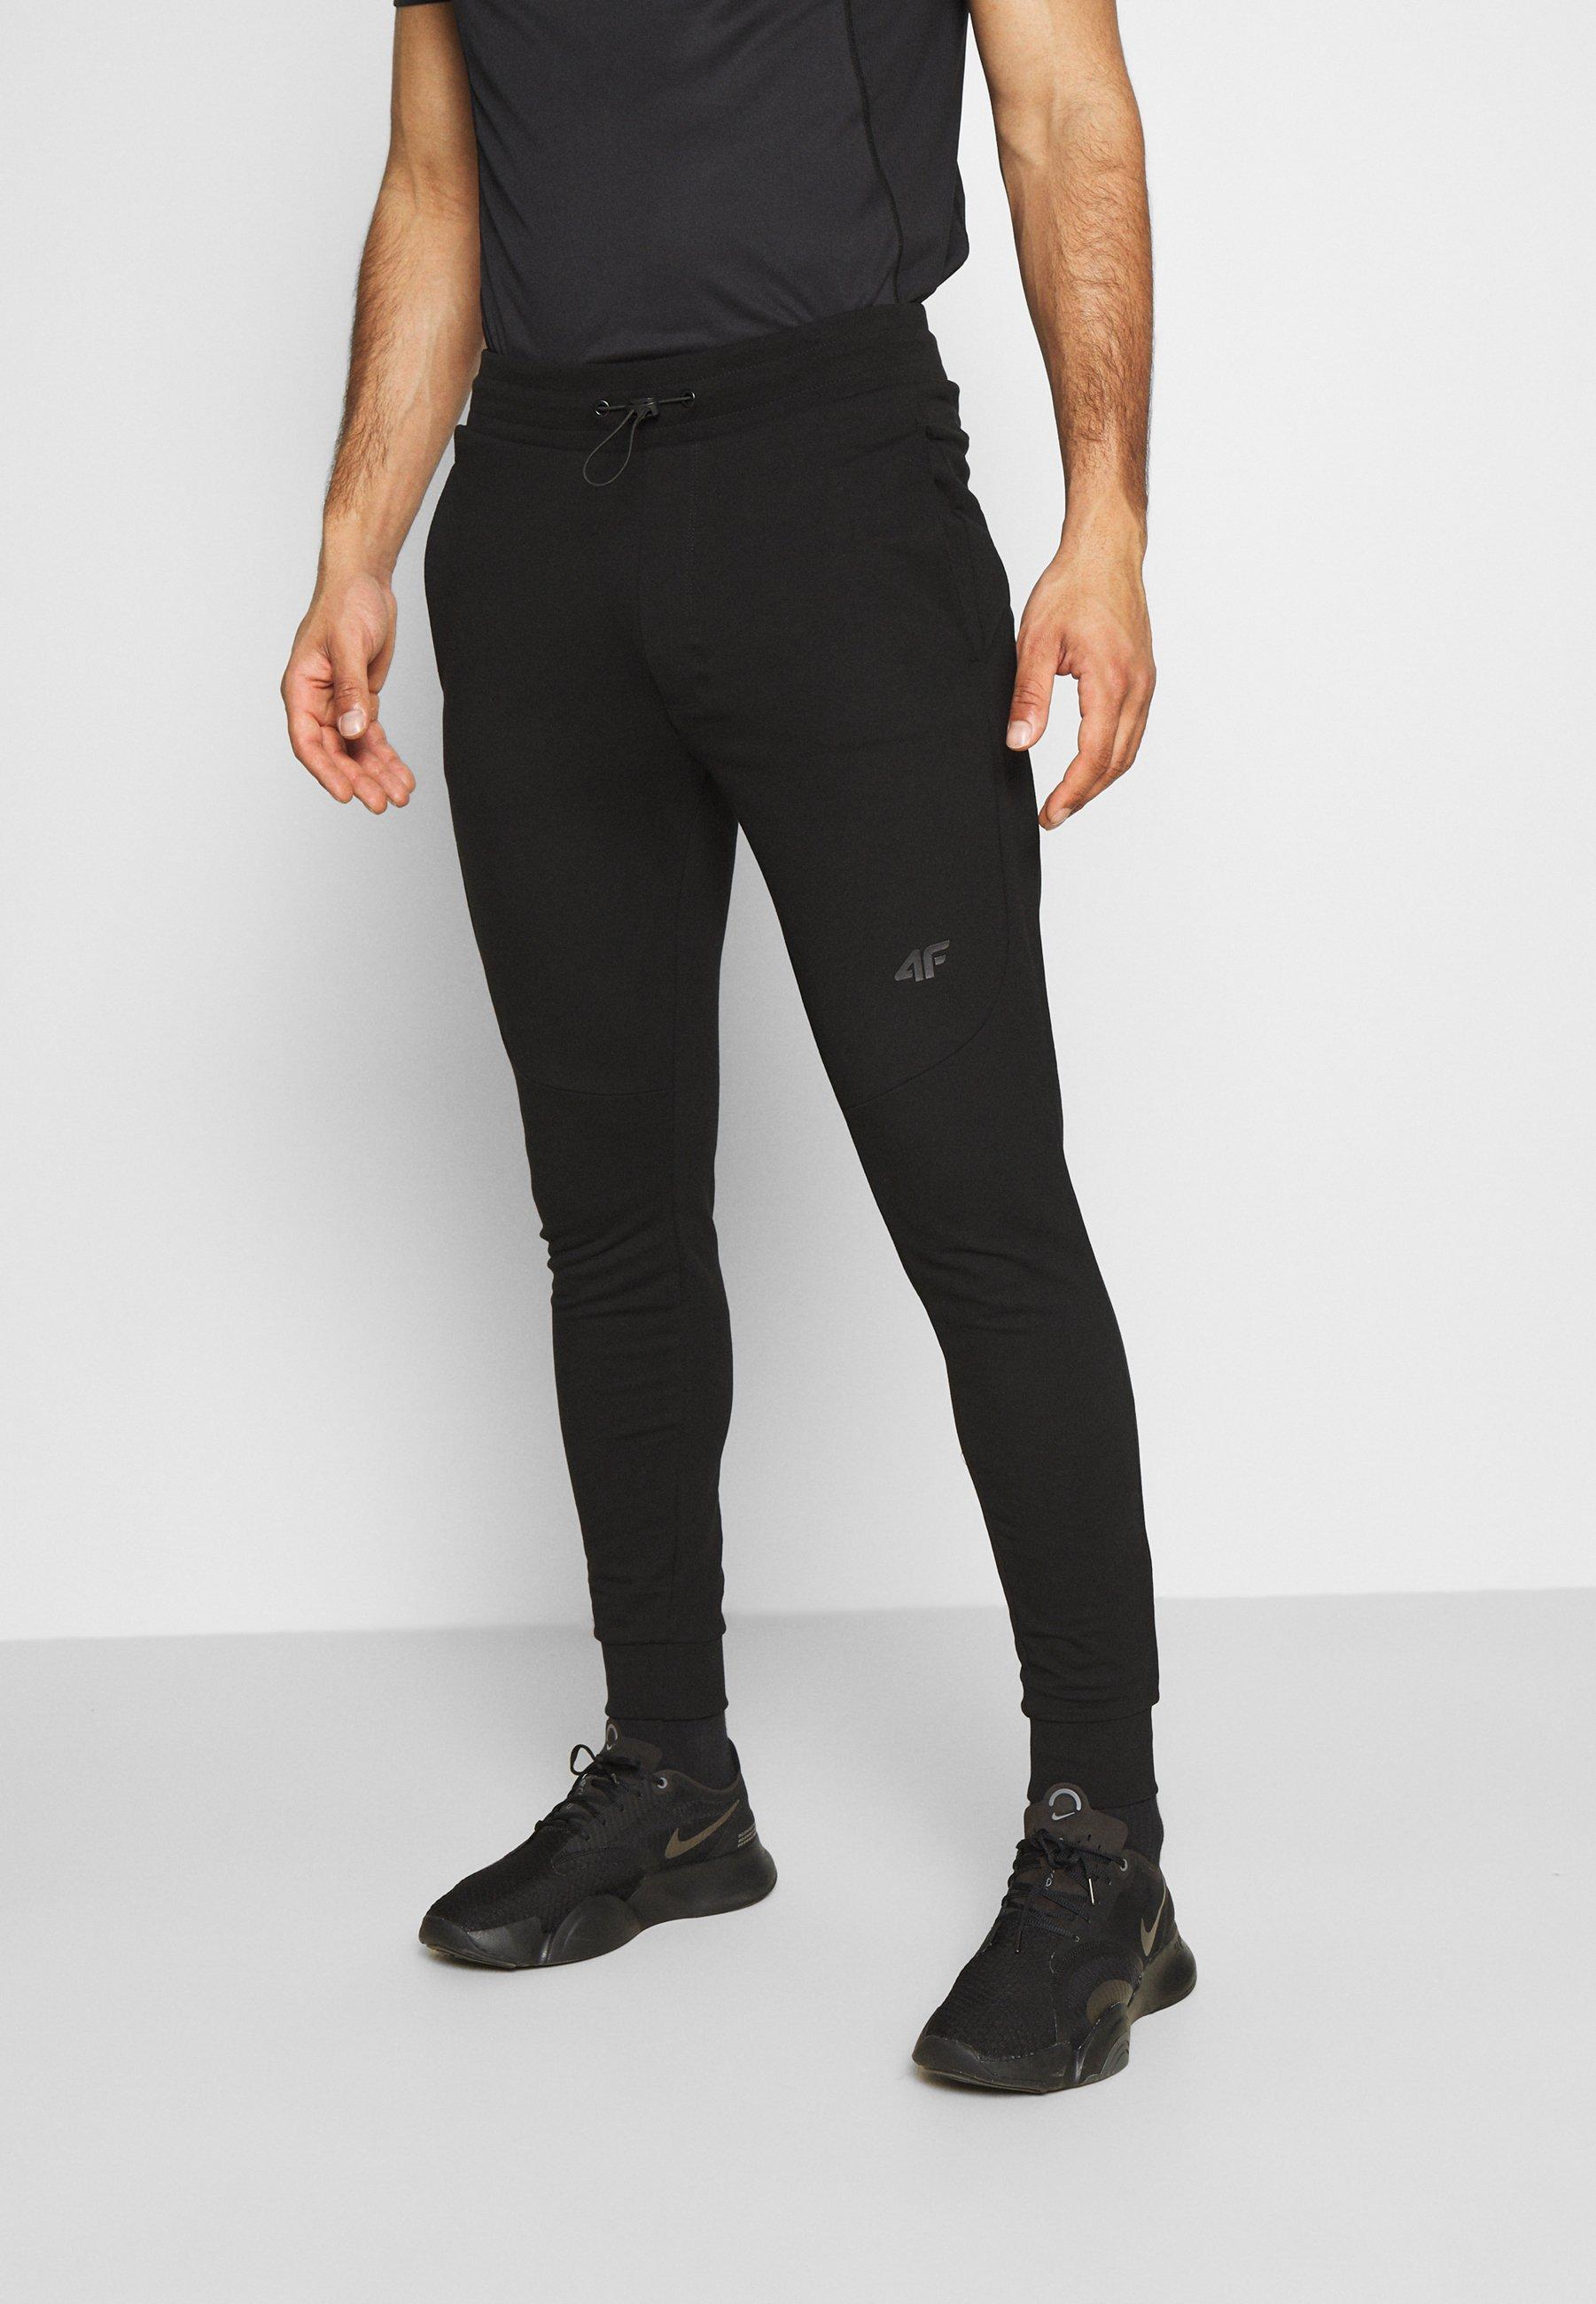 Men Men's sweatpants - Tracksuit bottoms